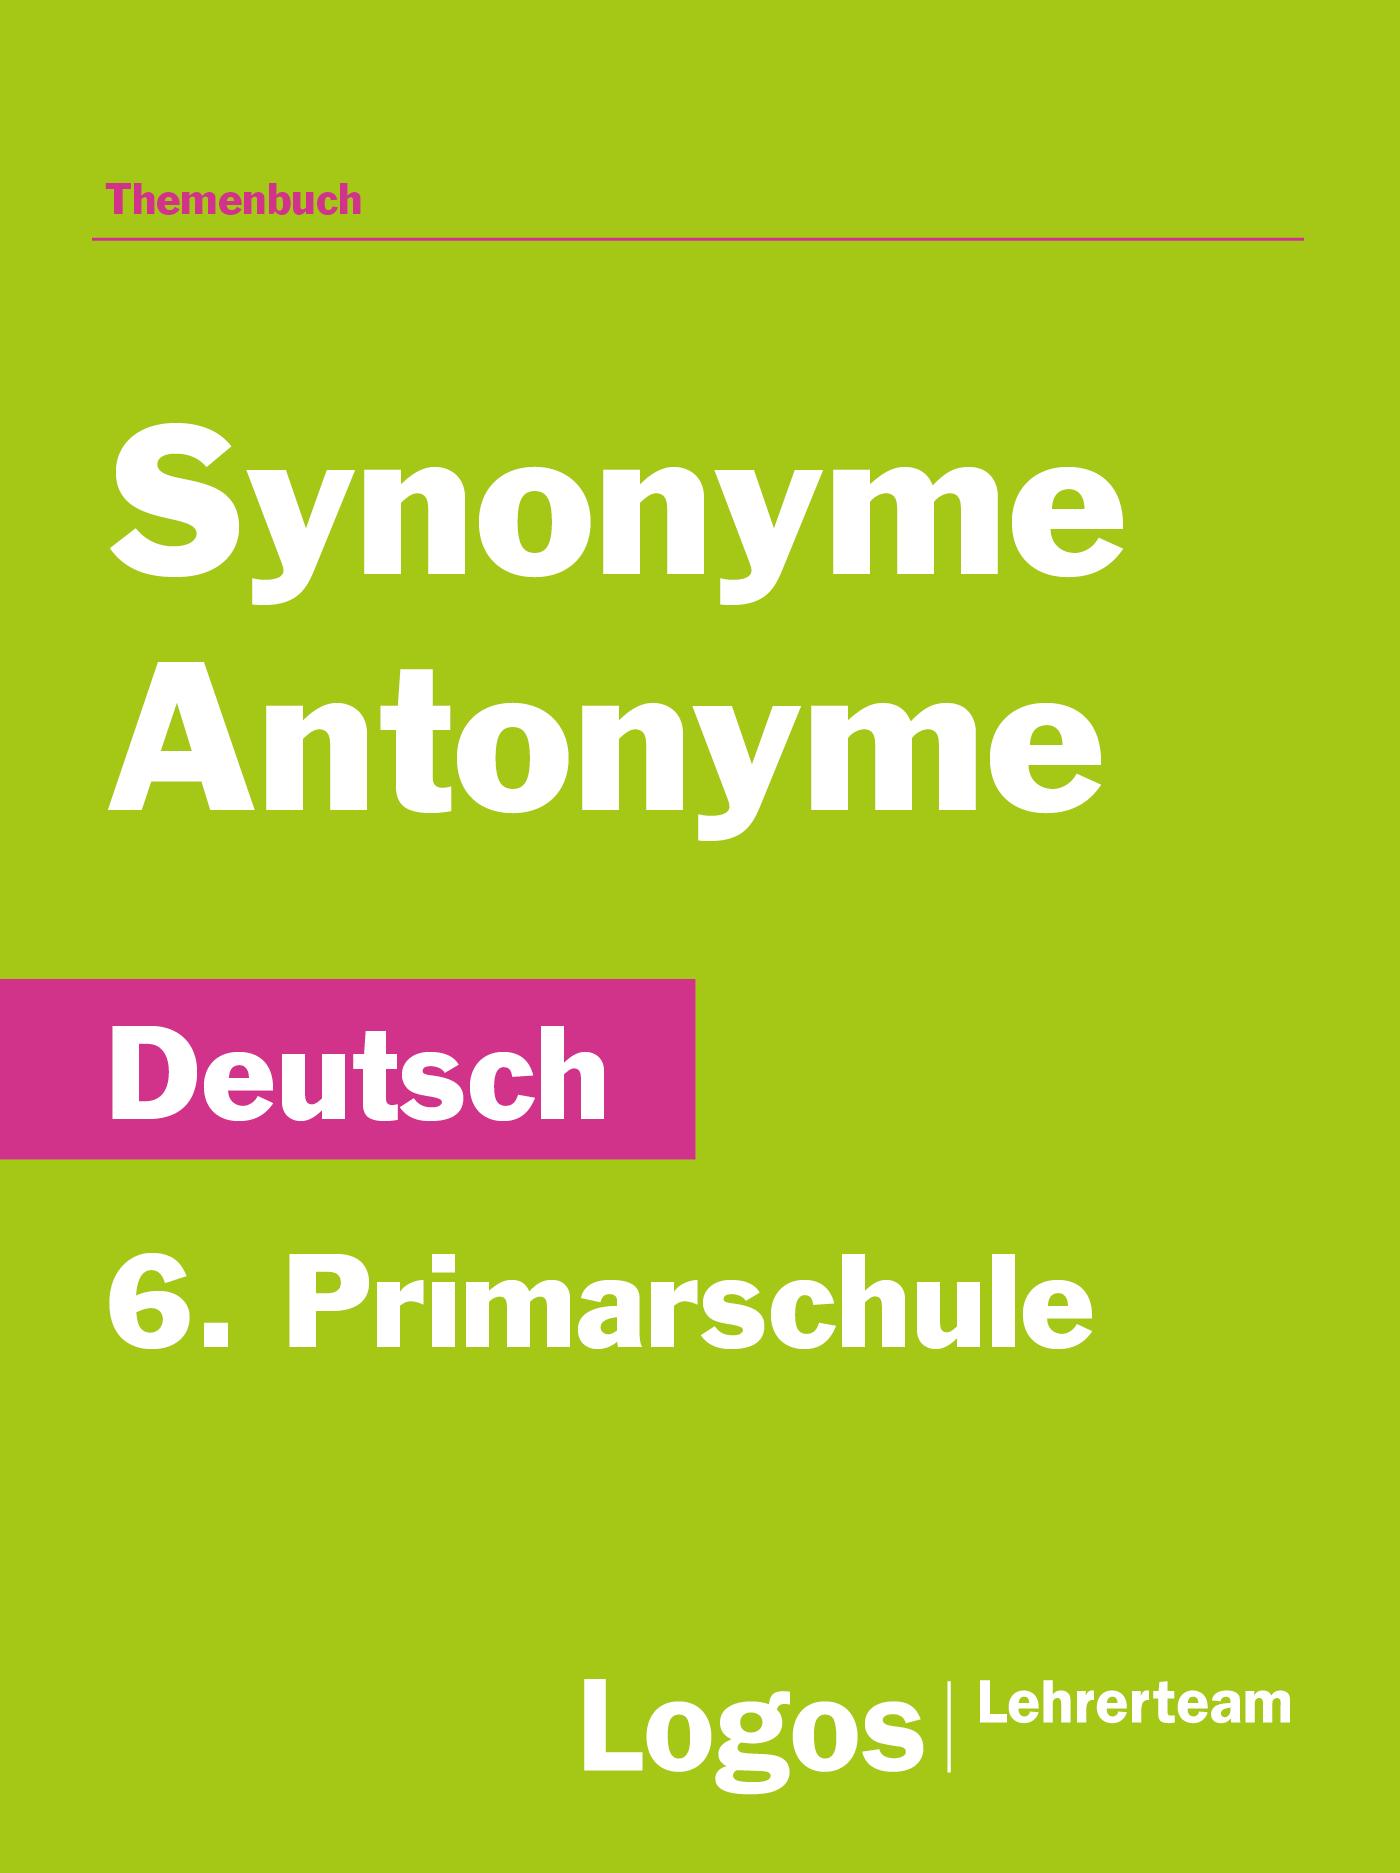 Deutsch Synonyme und Antonyme - 6. Primar